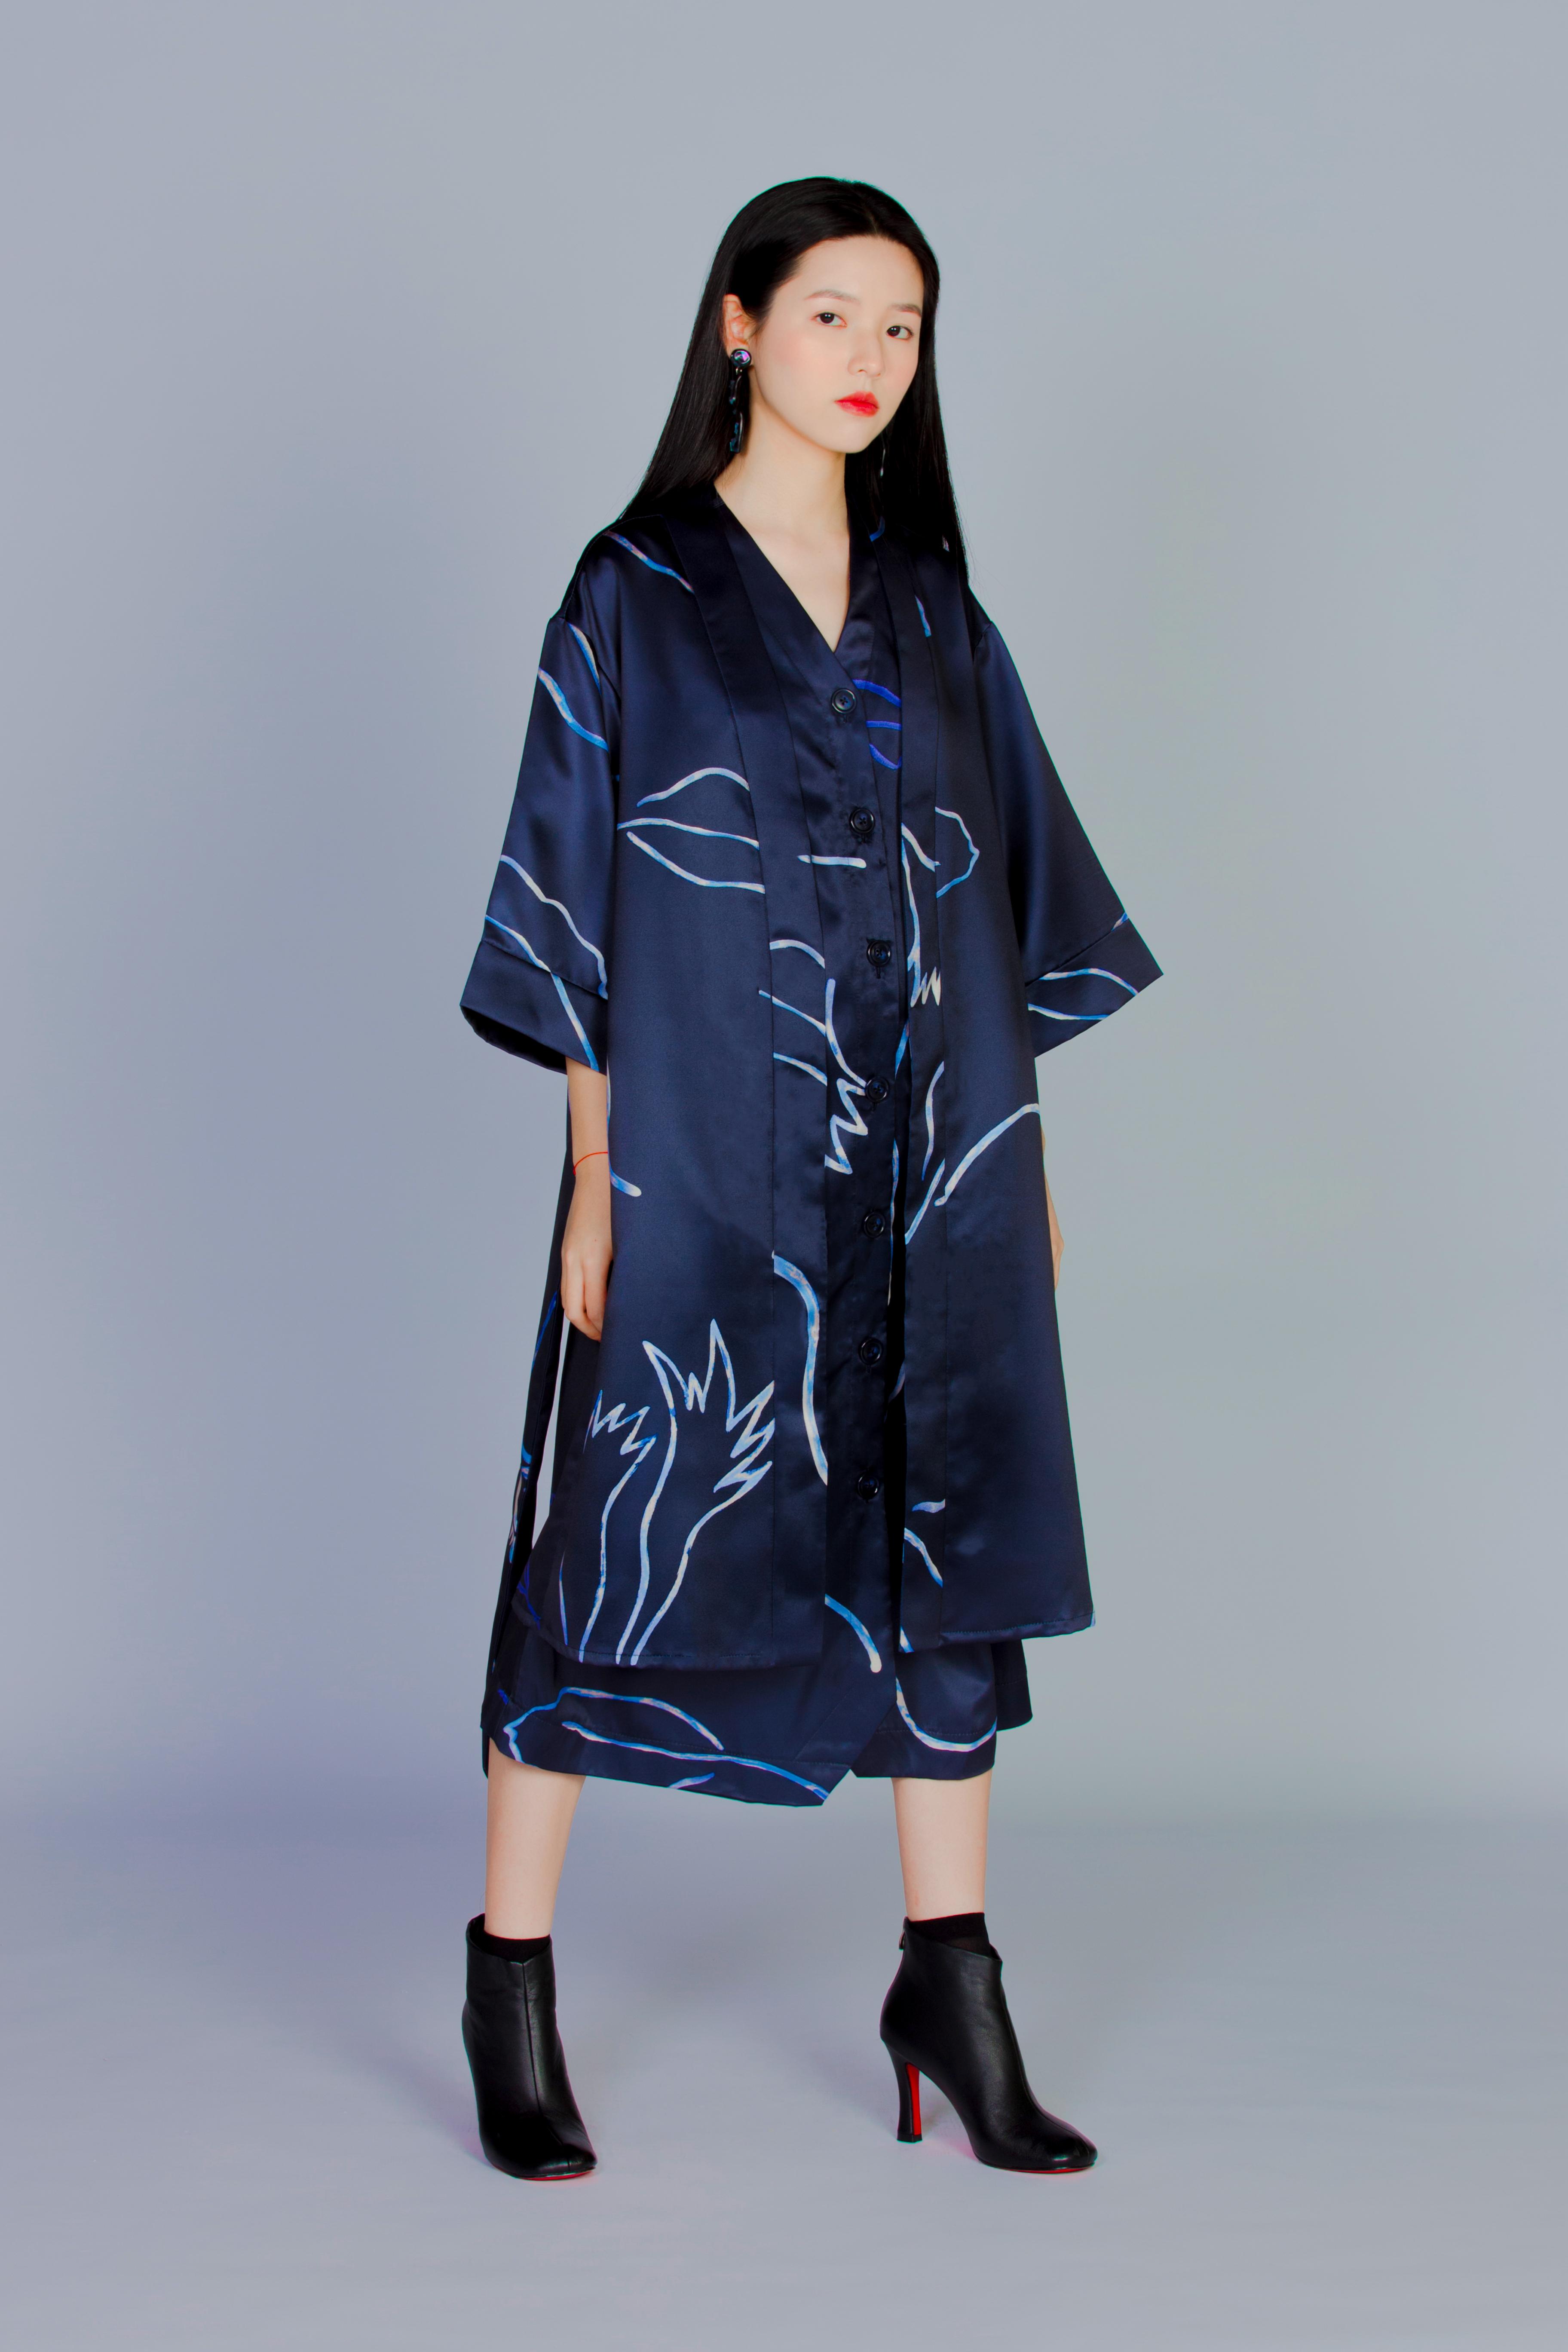 普朗克藍蕨 - 和式罩衫